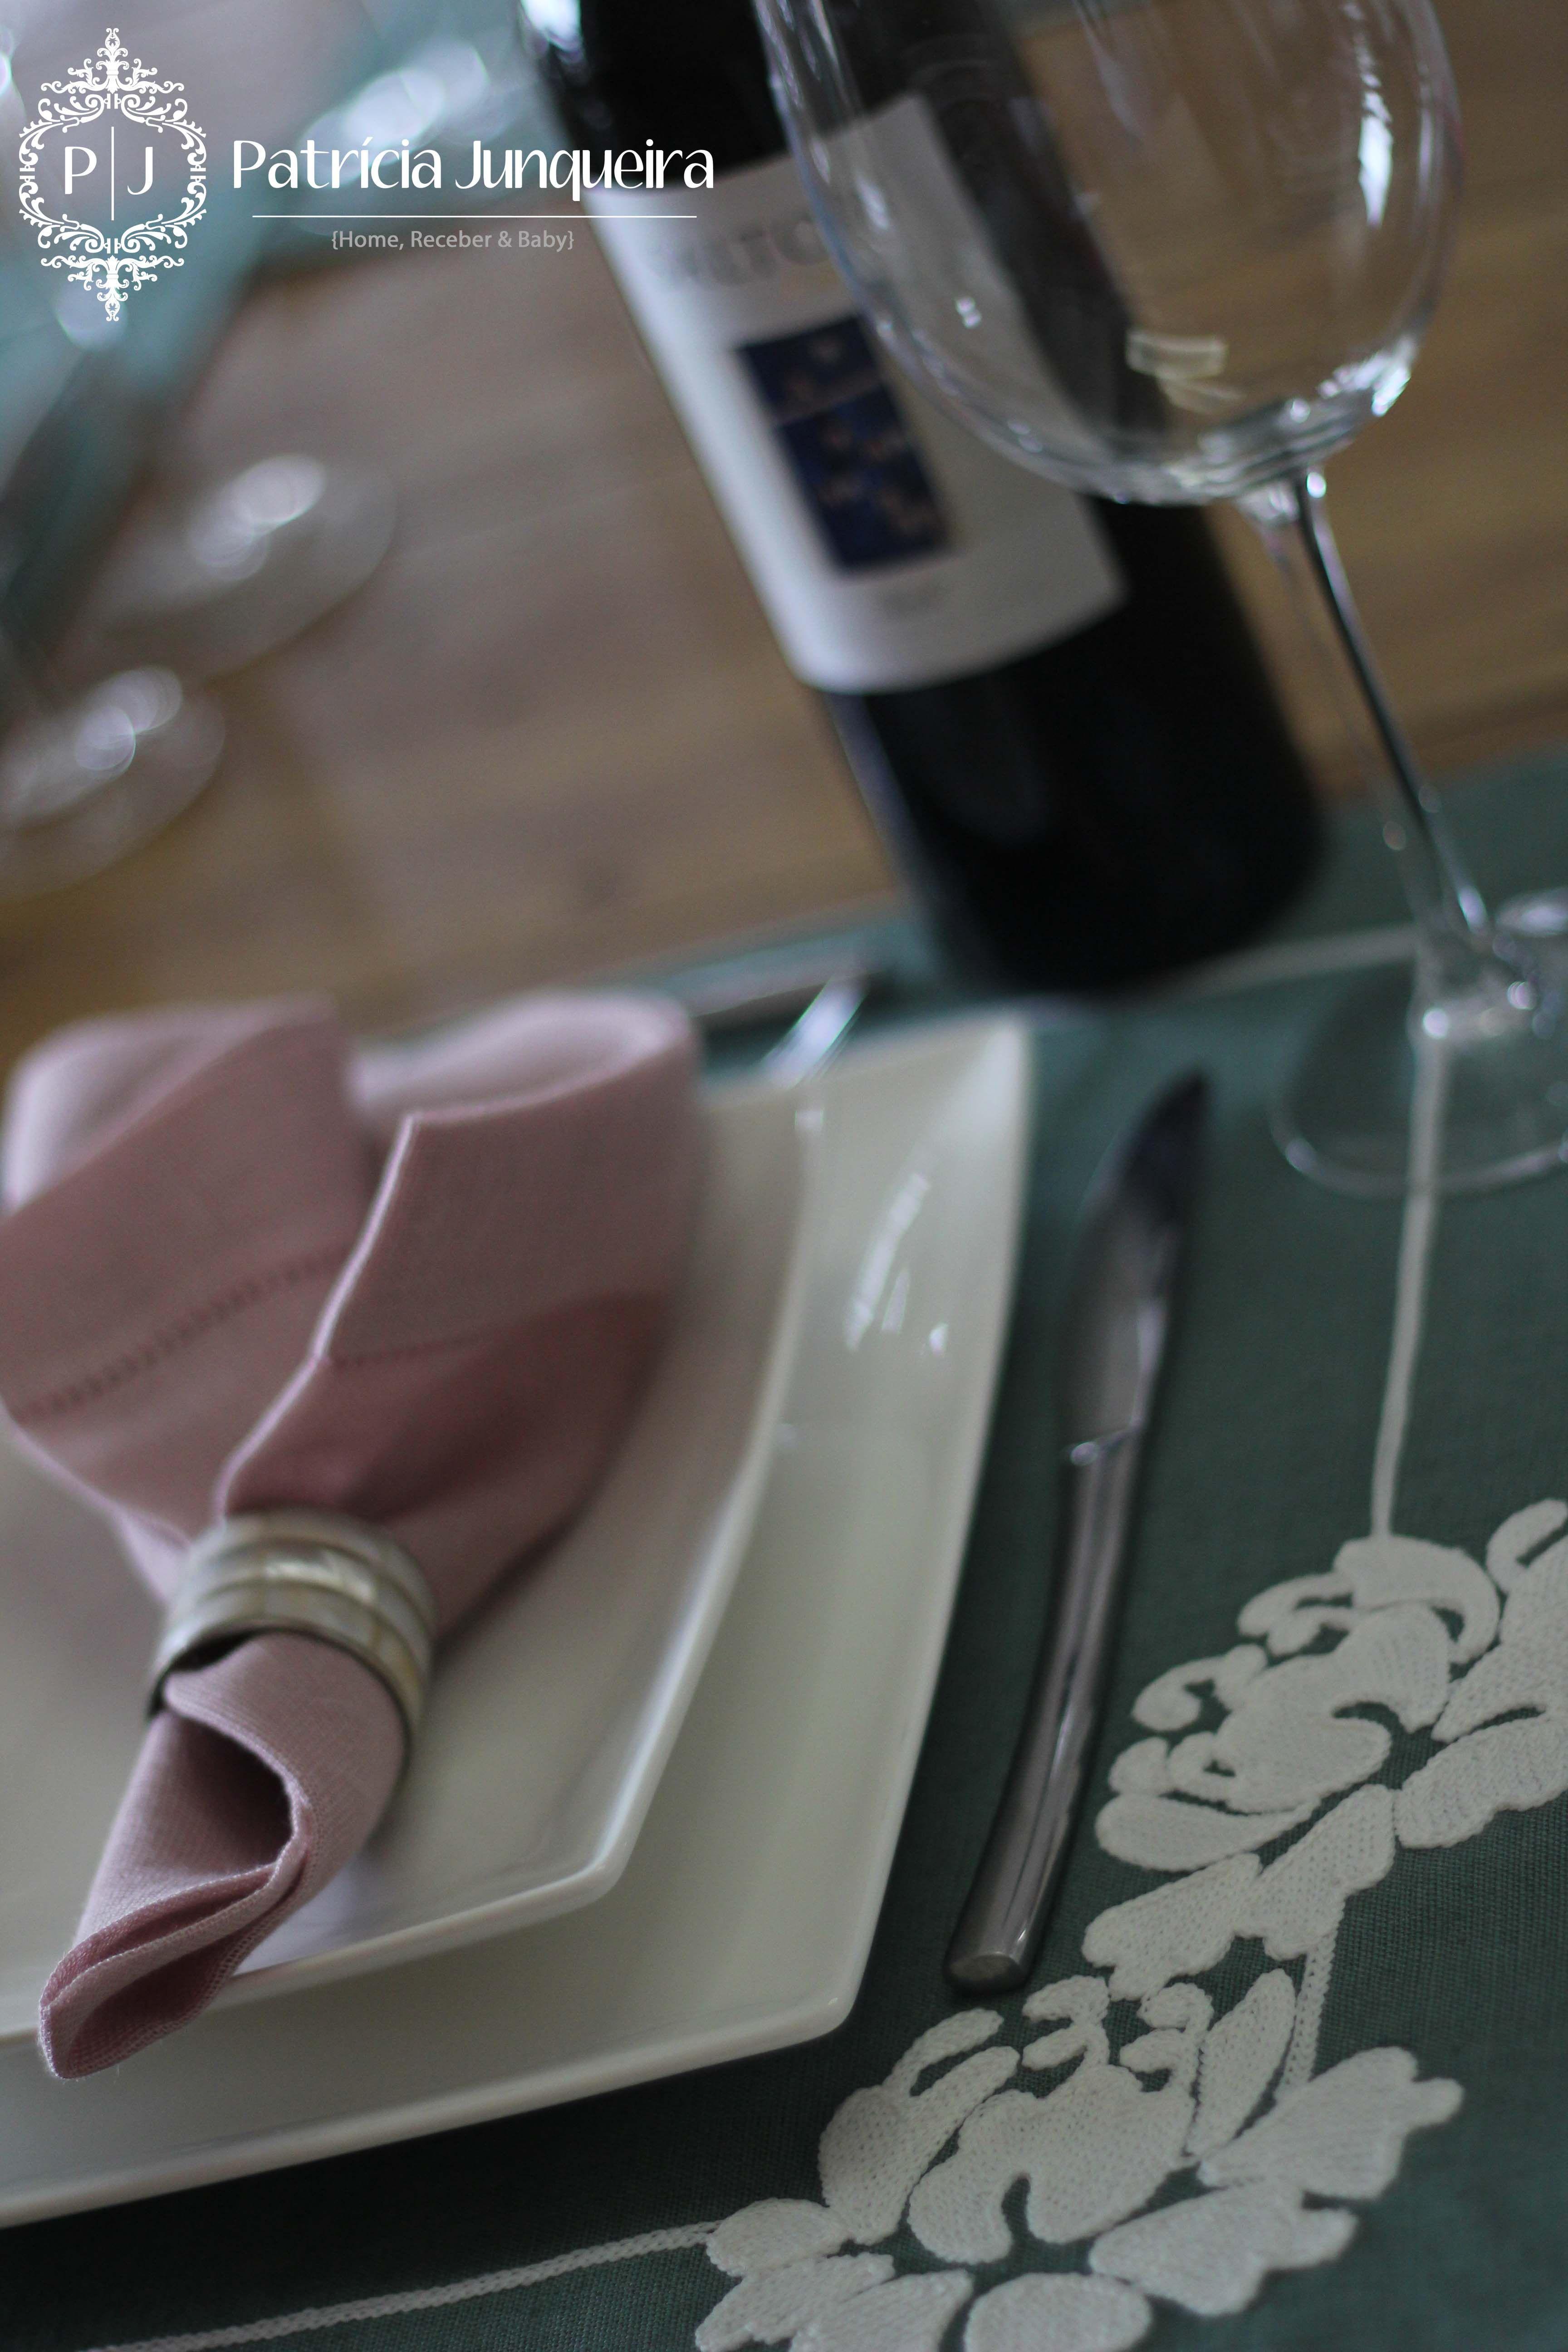 Mesa decorada para páscoa por Patricia Junqueira {Home, Receber & Baby} Vinho Salton